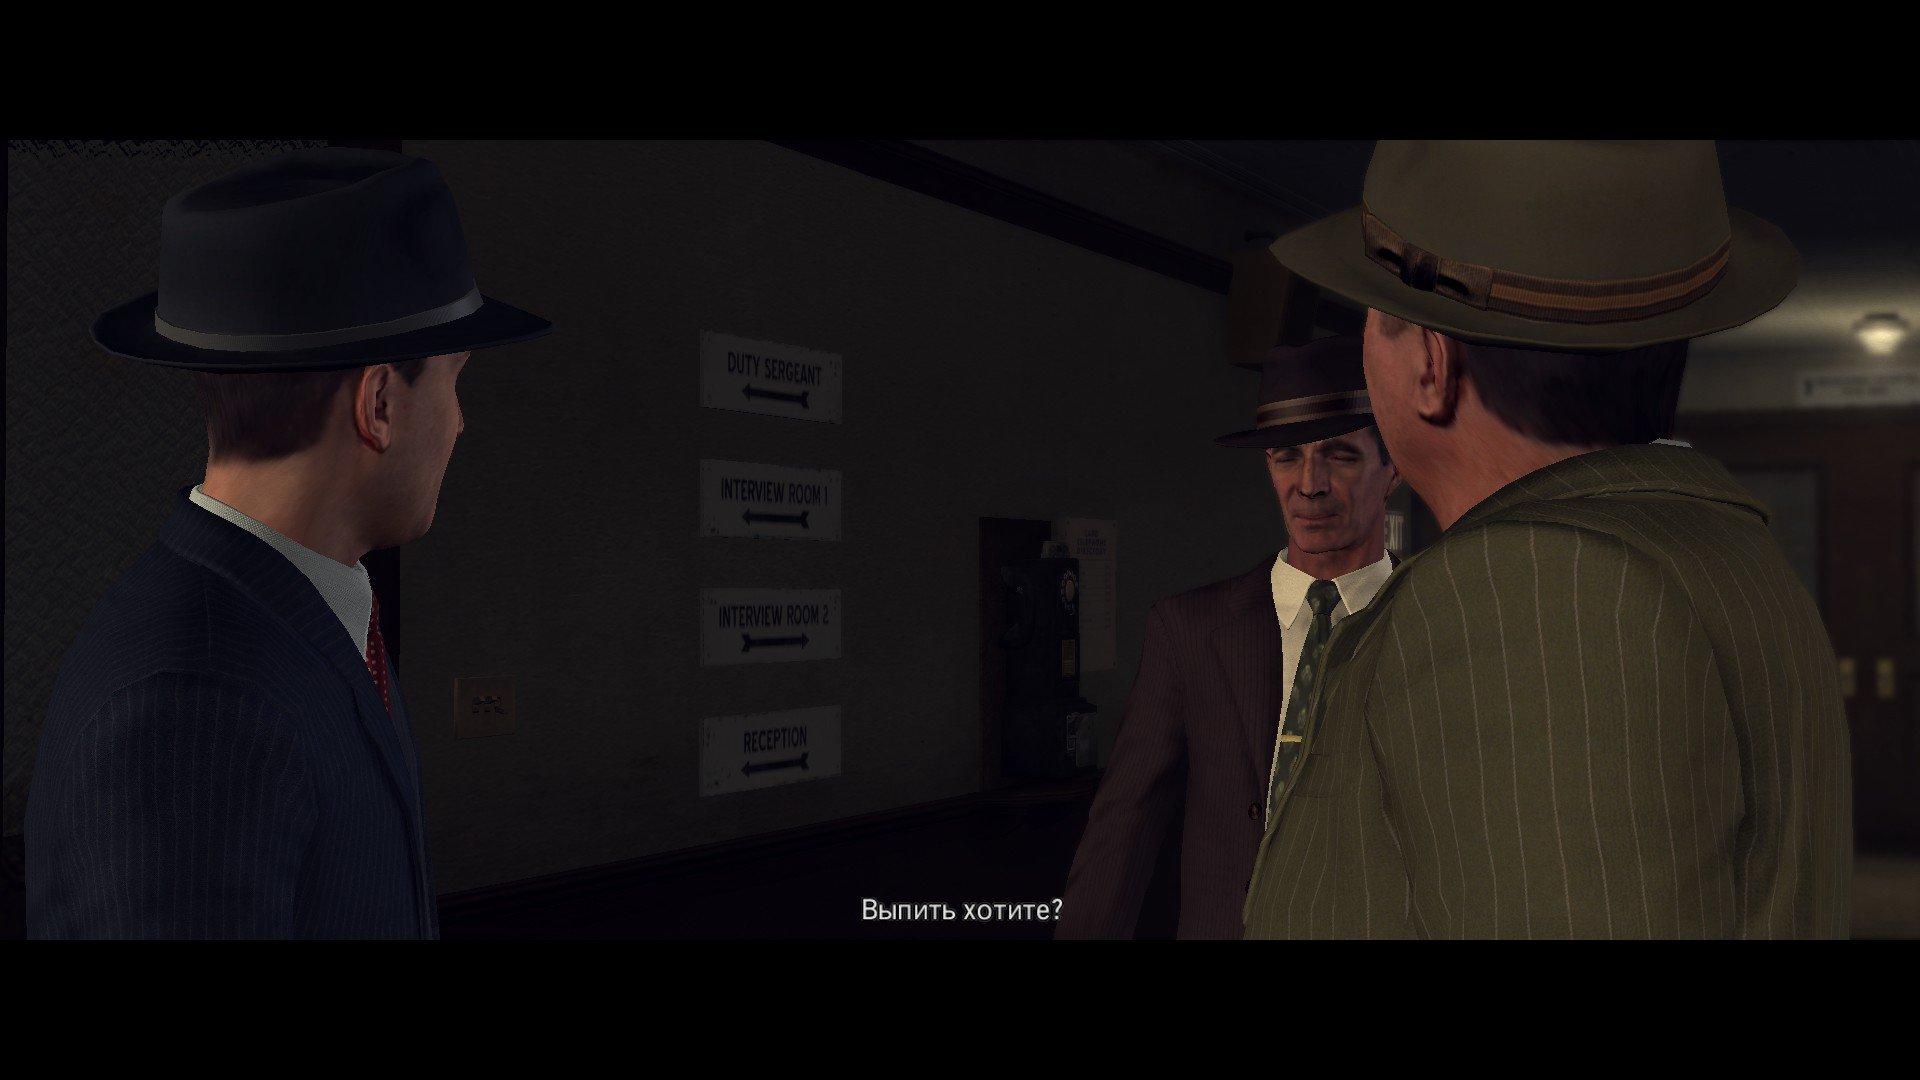 Пост-прохождение L.A. Noire Часть 9 - Изображение 57